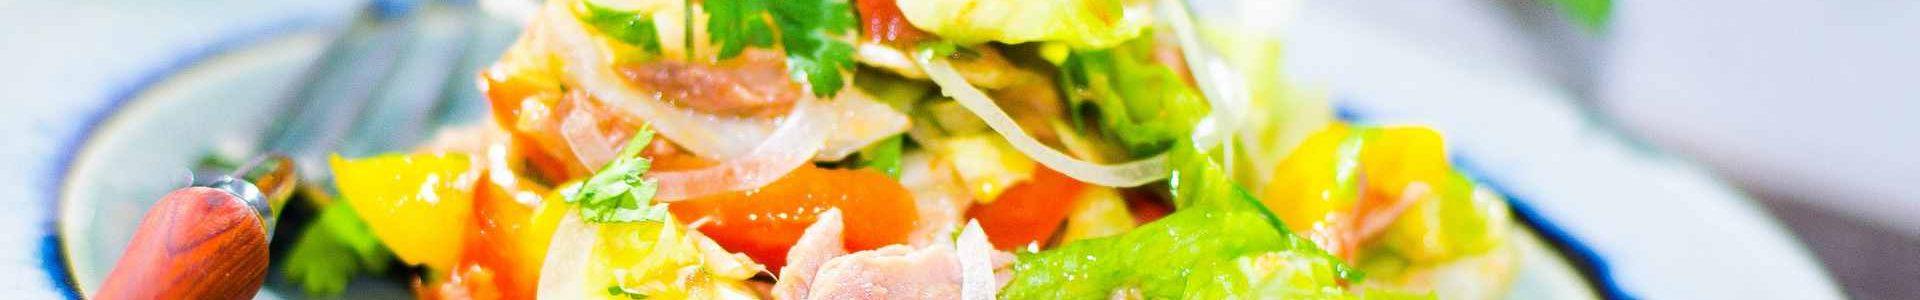 Салат со сладким перцем и тунцом